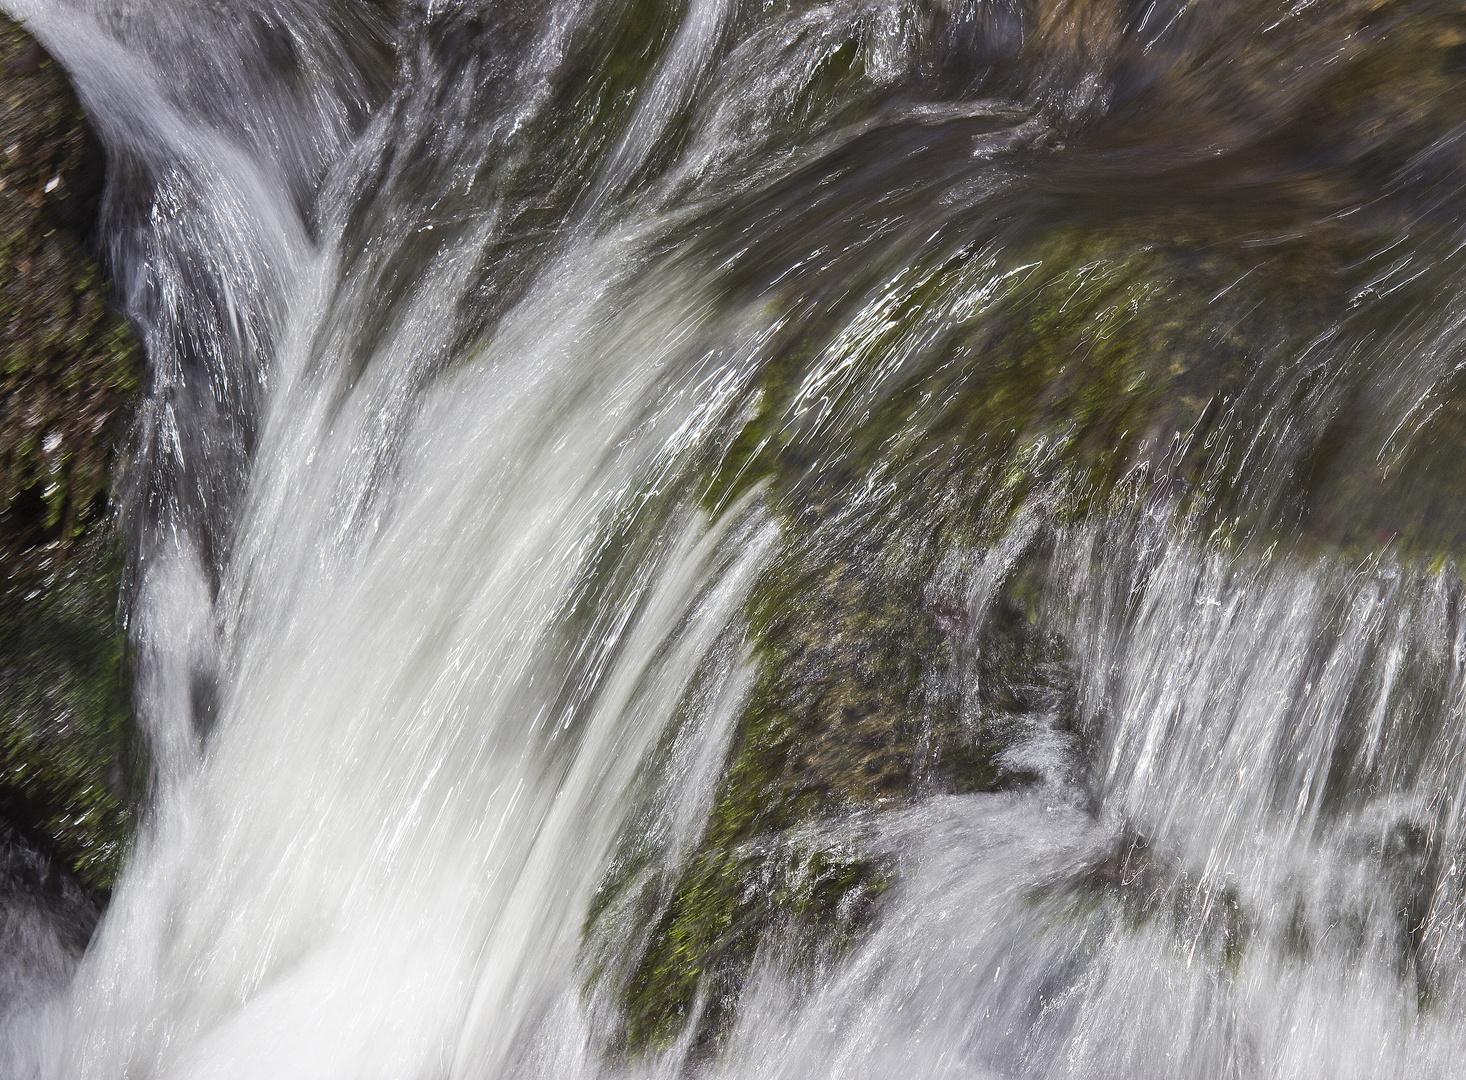 brodelndes Wasser